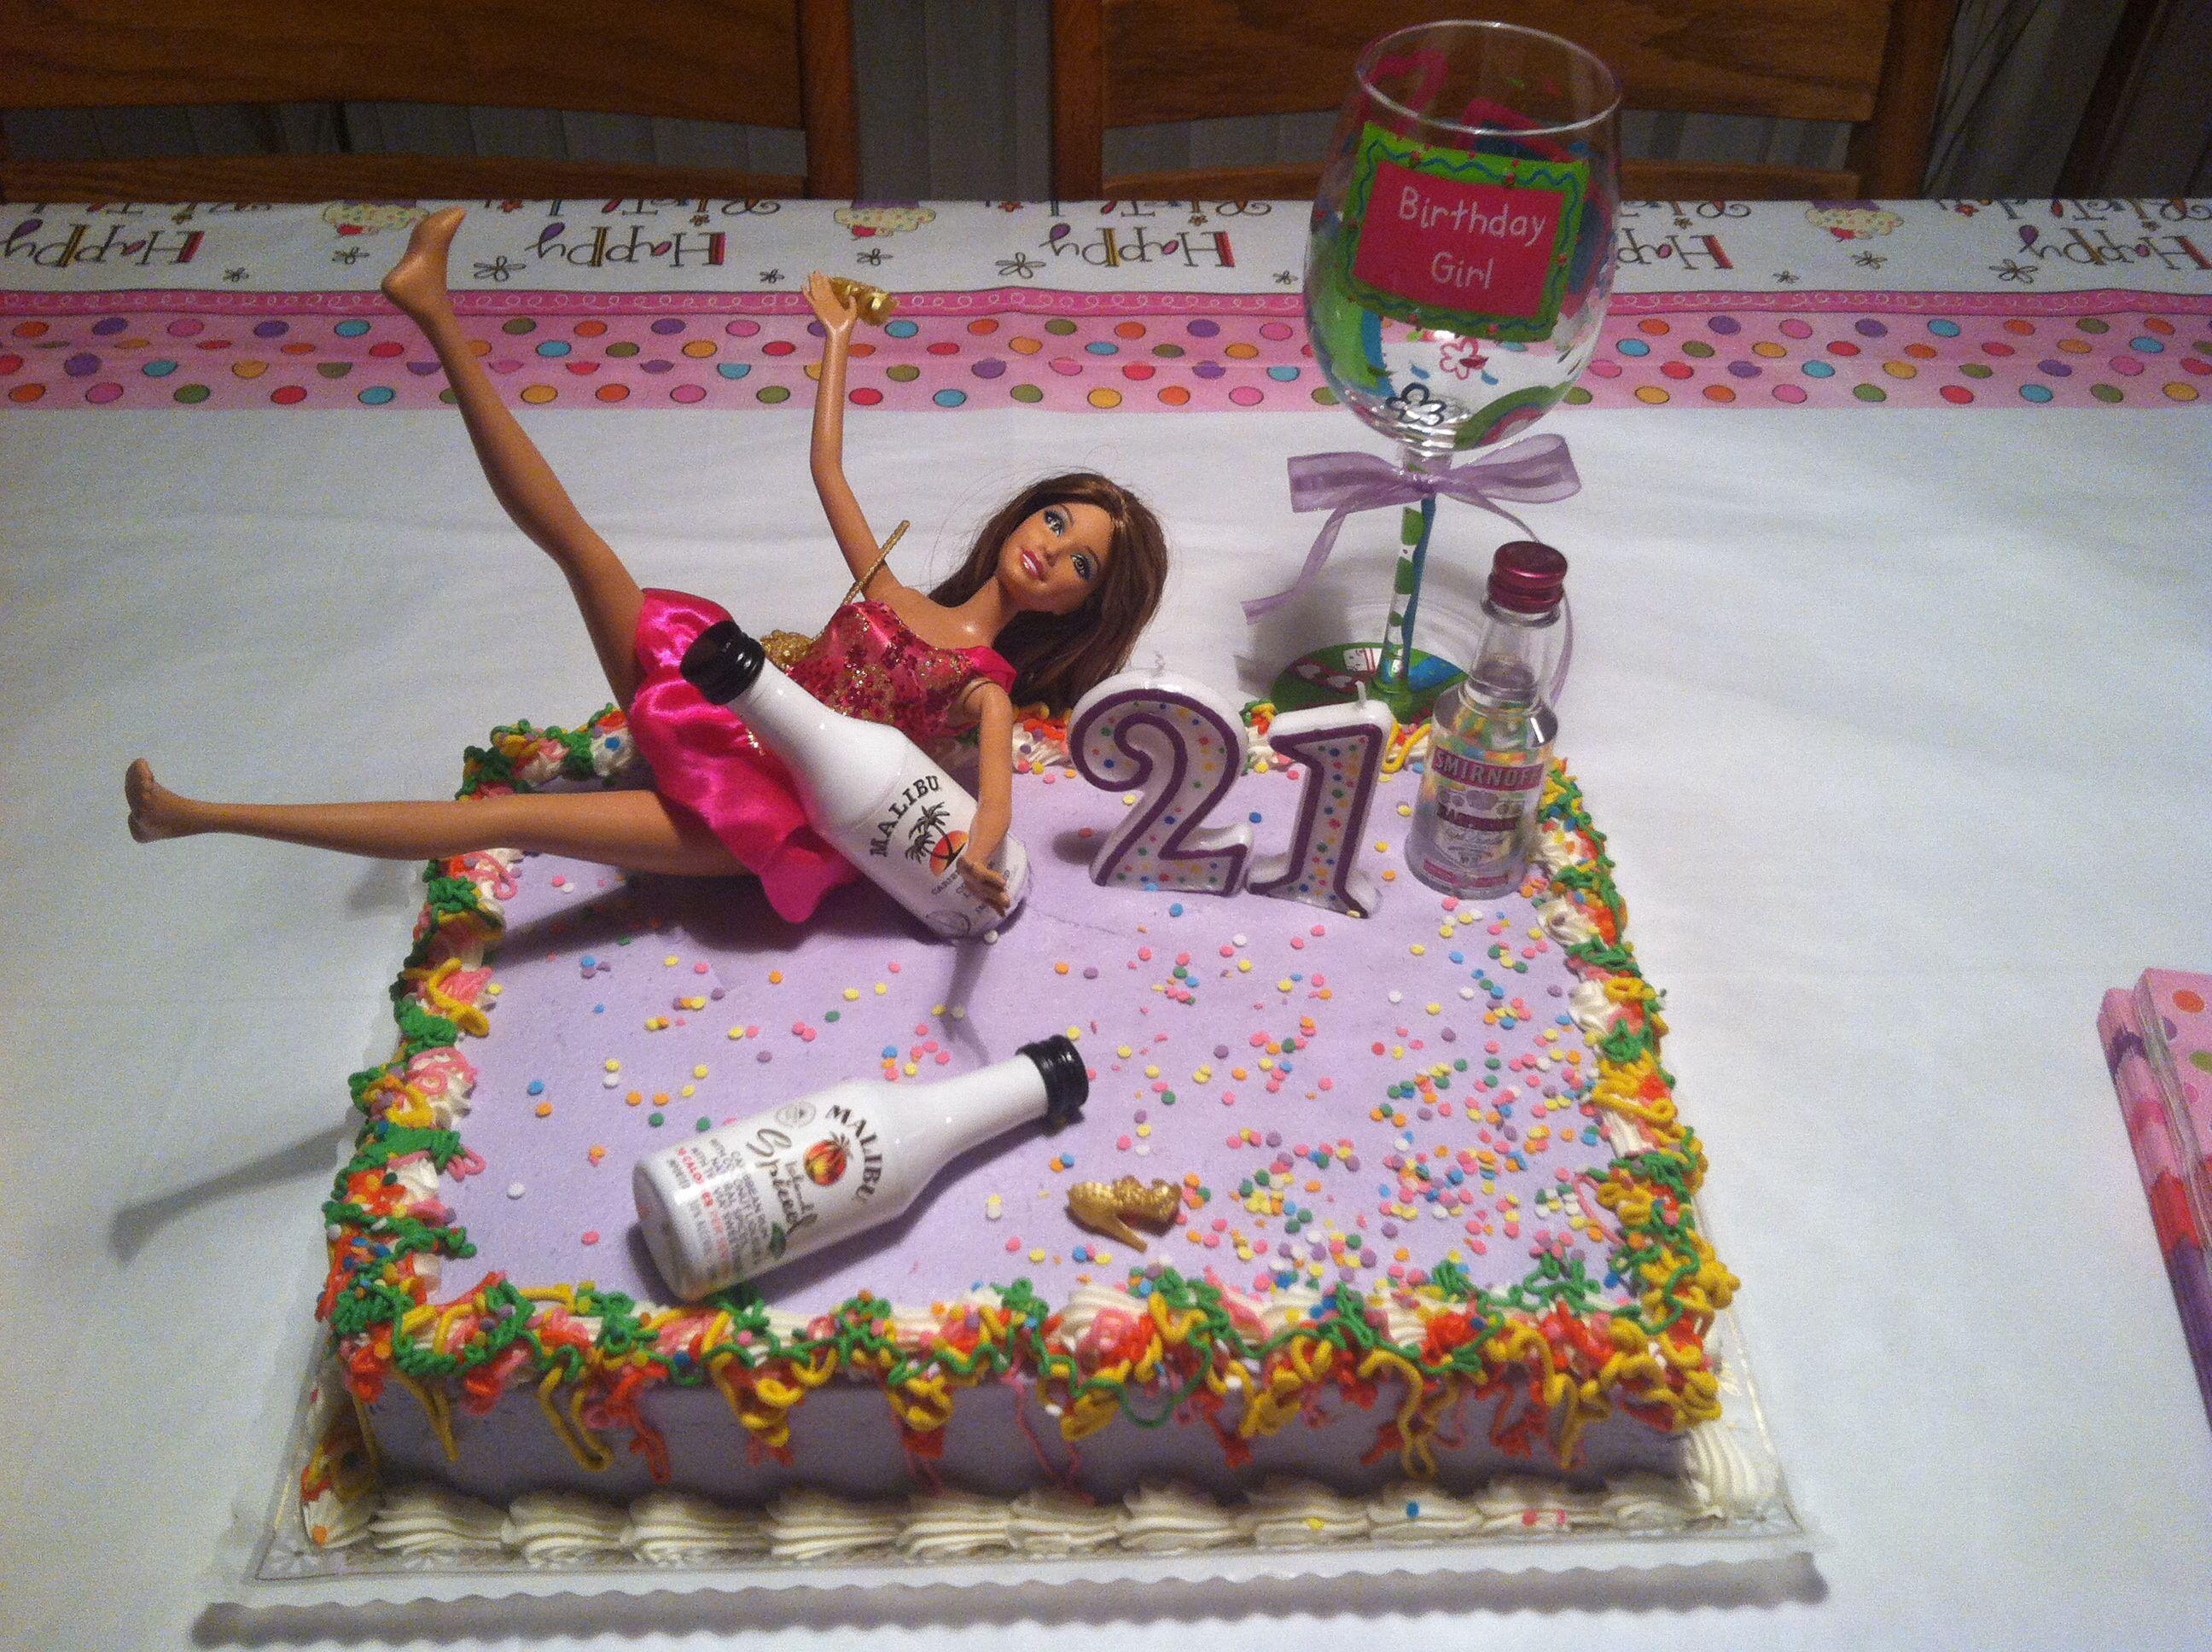 Marvelous My 21St Birthday Cake 21St Birthday Cakes 21St Bday Cake 21St Personalised Birthday Cards Vishlily Jamesorg